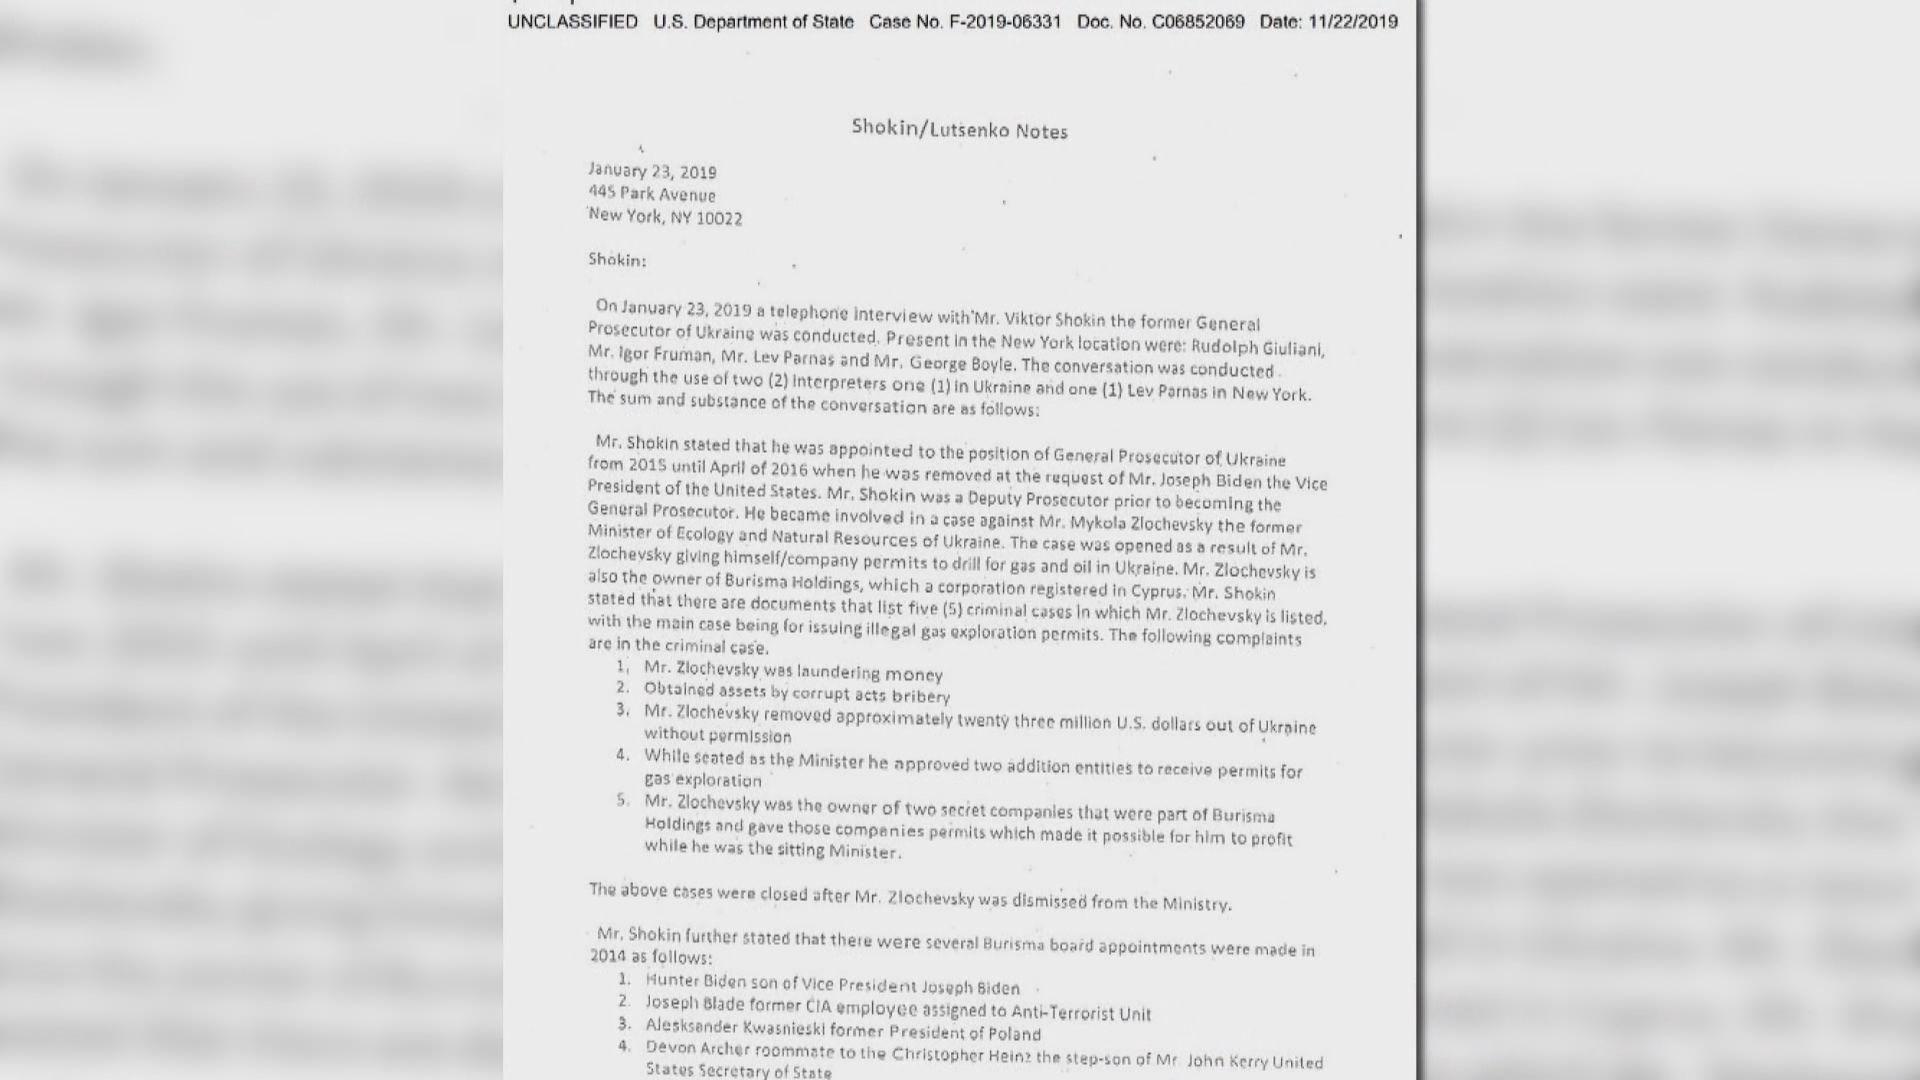 新證據指美國務卿蓬佩奧早已涉及通烏門